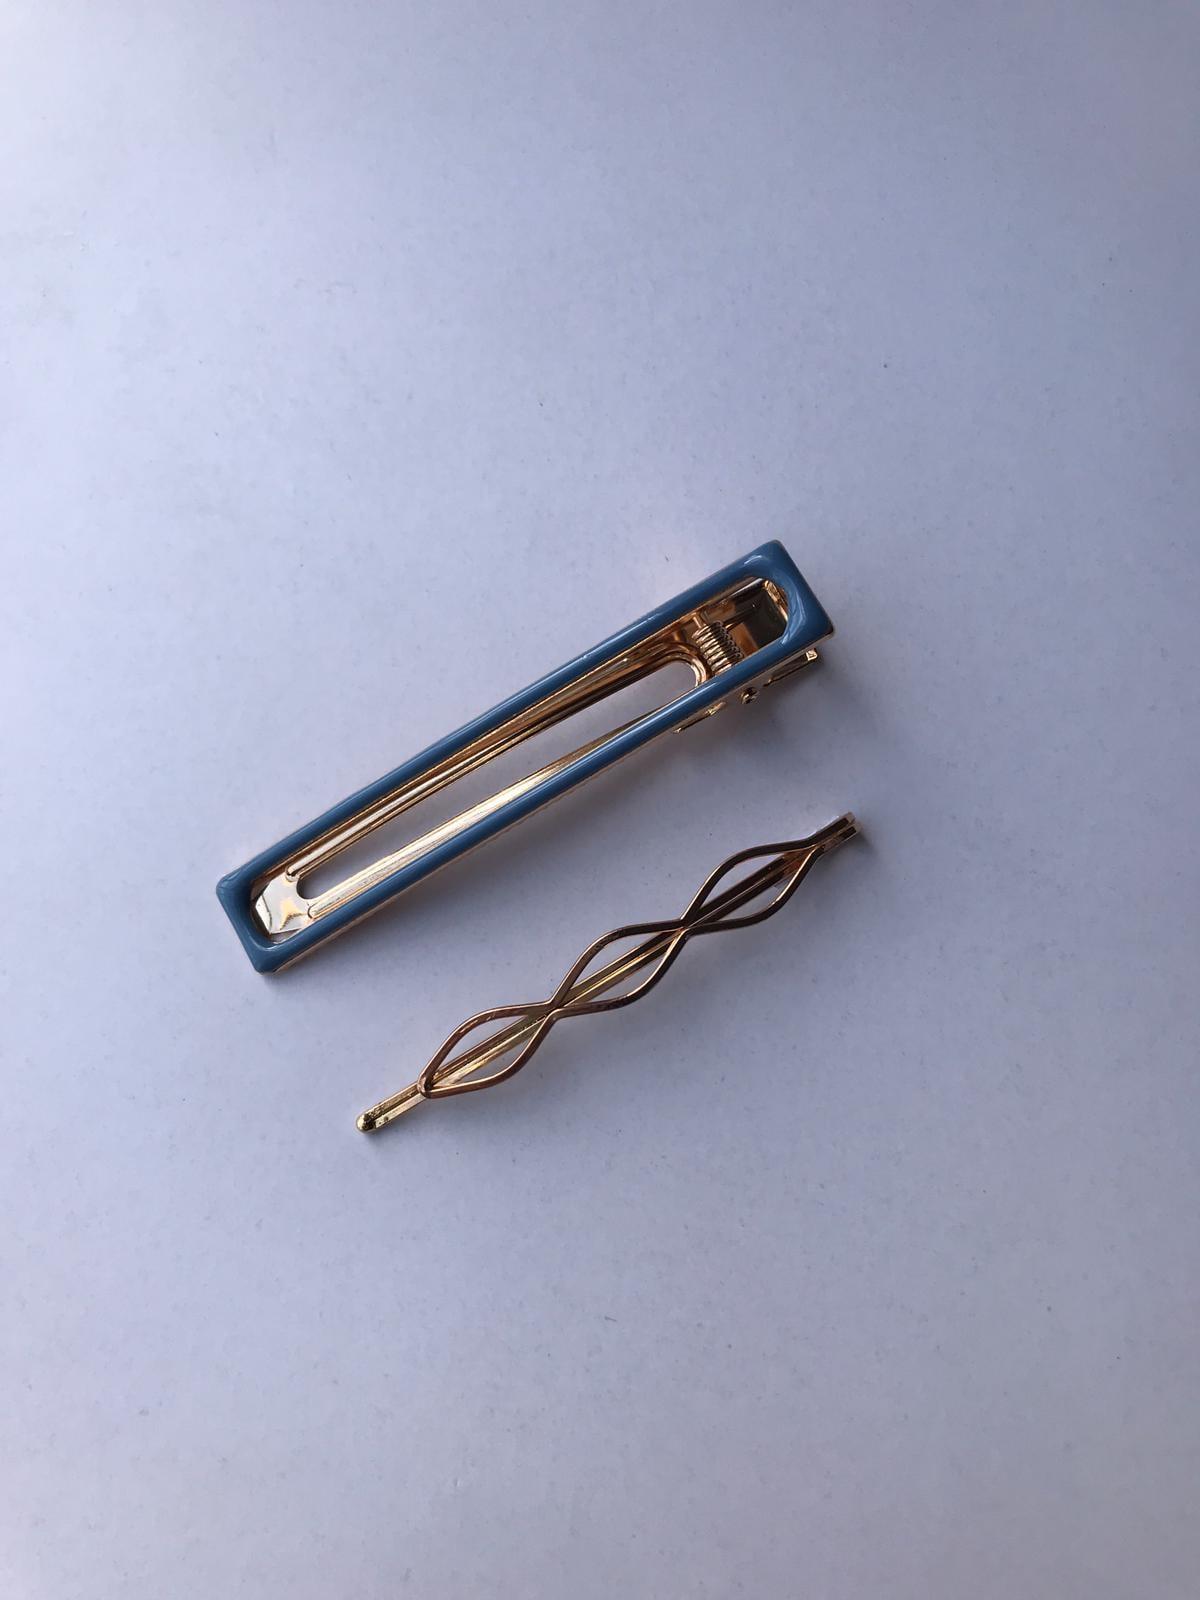 זוג סיכות חלקות בשילוב צבע-כחול